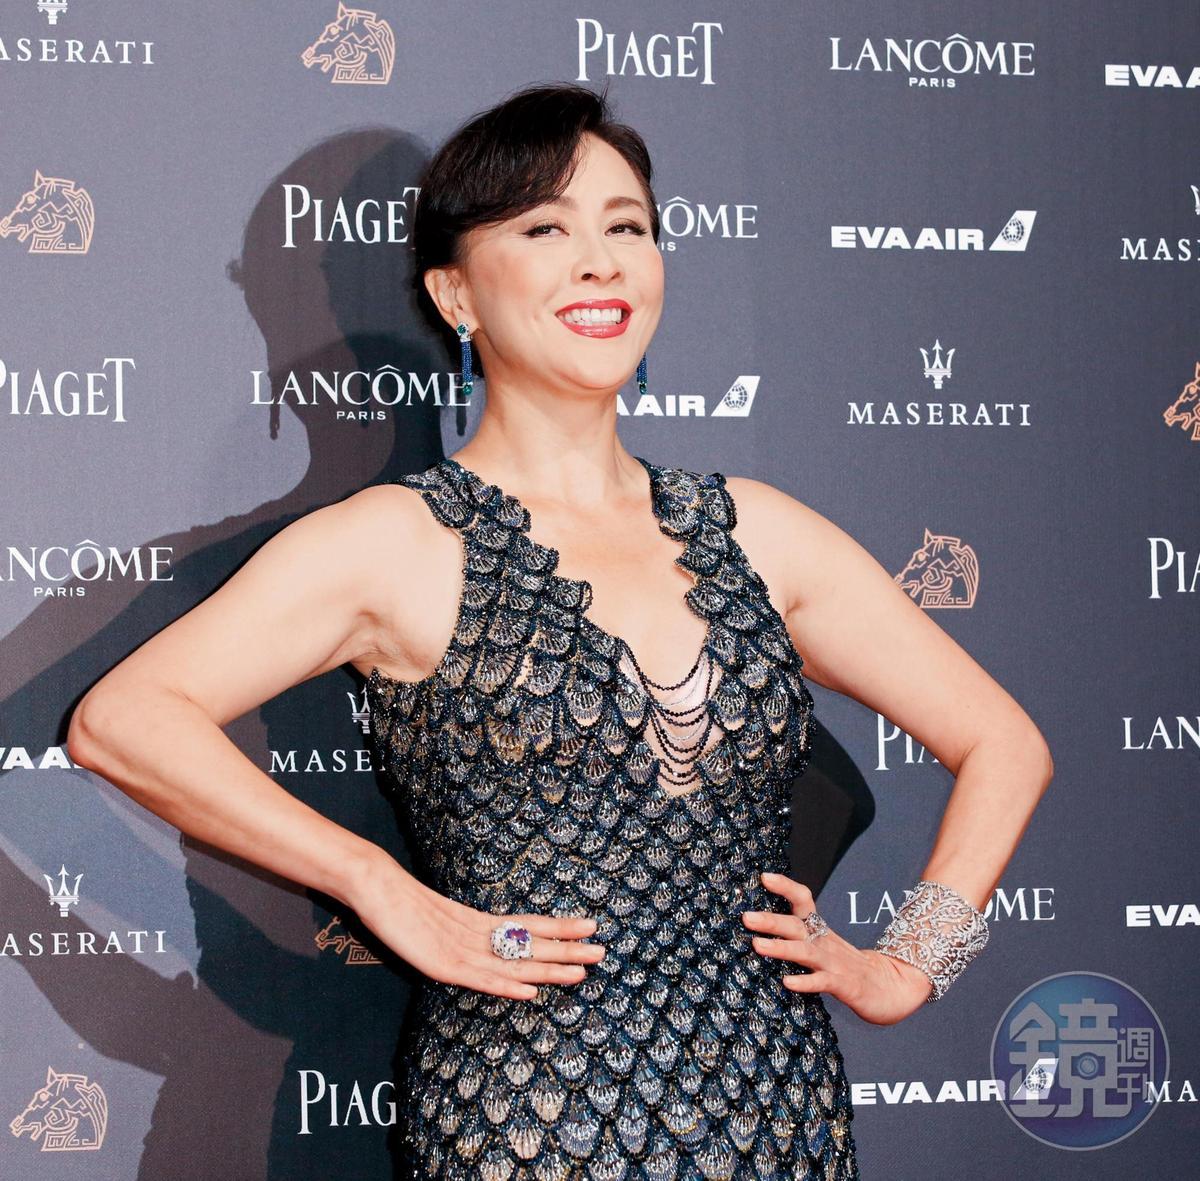 劉嘉玲在今年紅毯的魚類圖鑑當中,與曾美慧孜的金鯉相抗衡,鱗光閃閃像條吳郭魚。